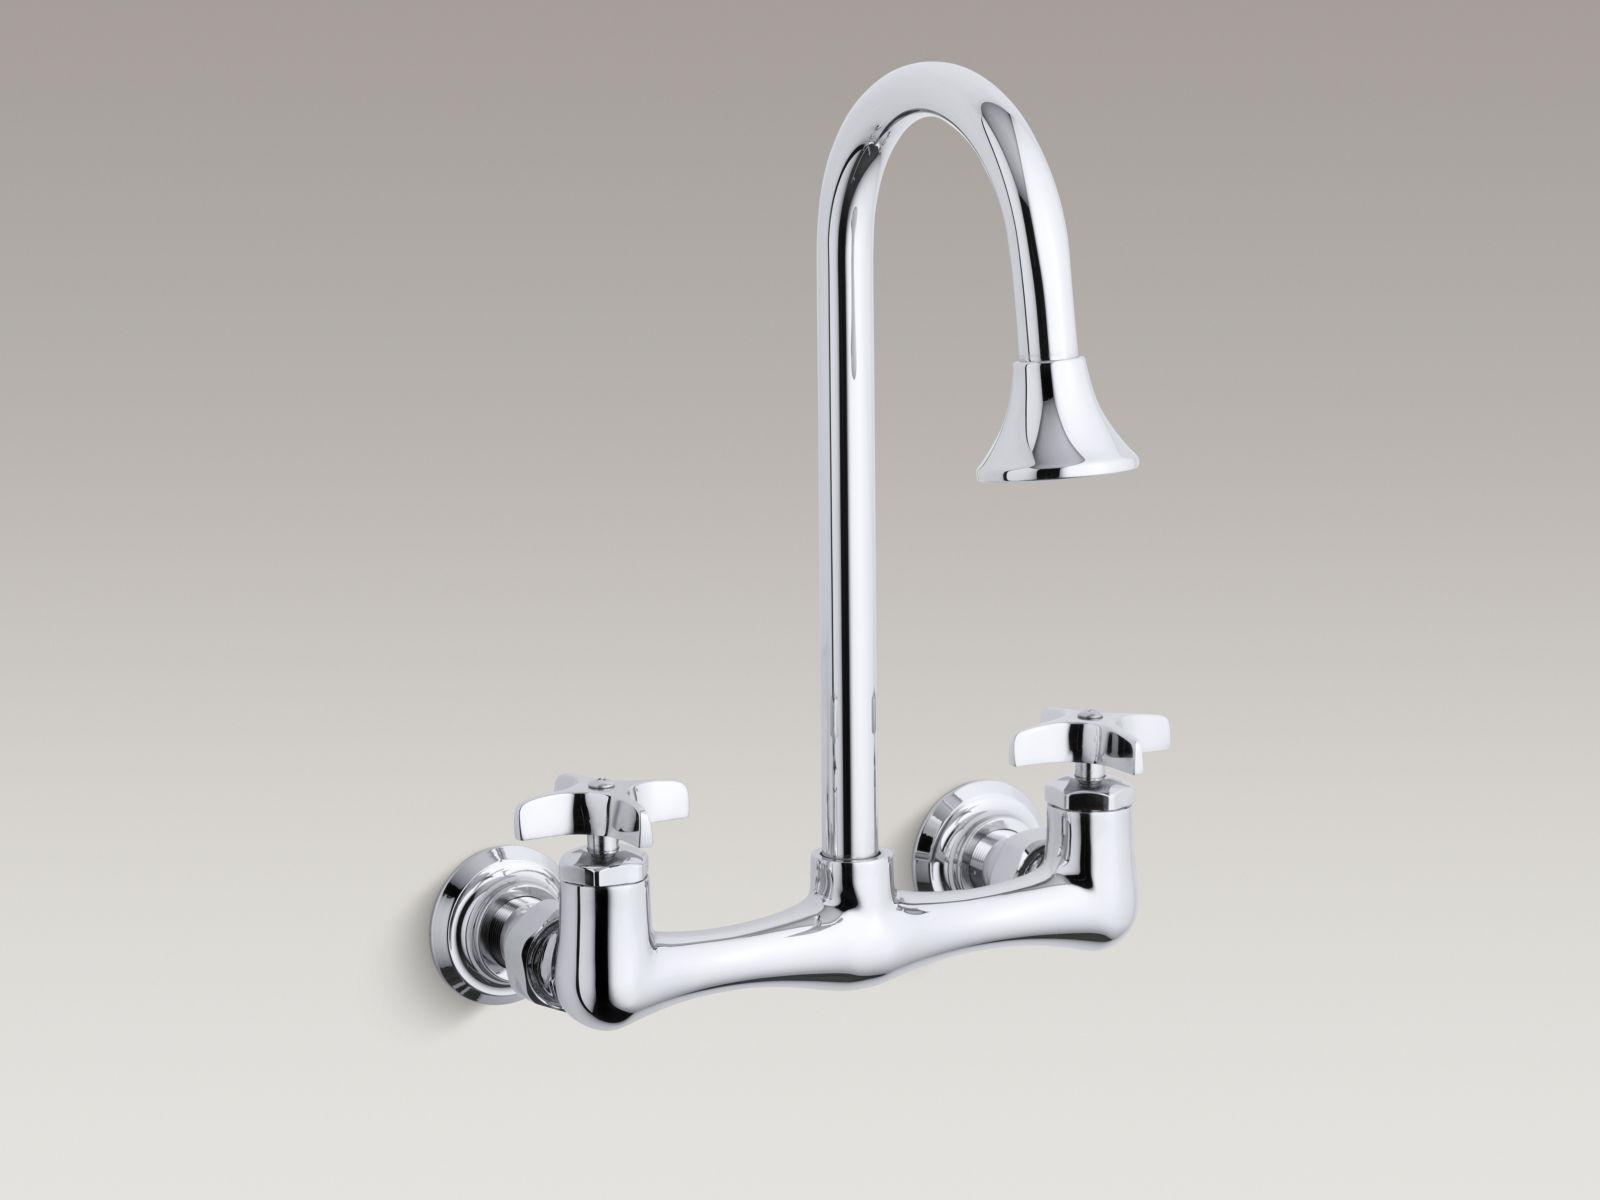 Remarkable Kohler Faucet For Tremendous Kitchen Or Bathroom - Old kohler bathroom faucet parts